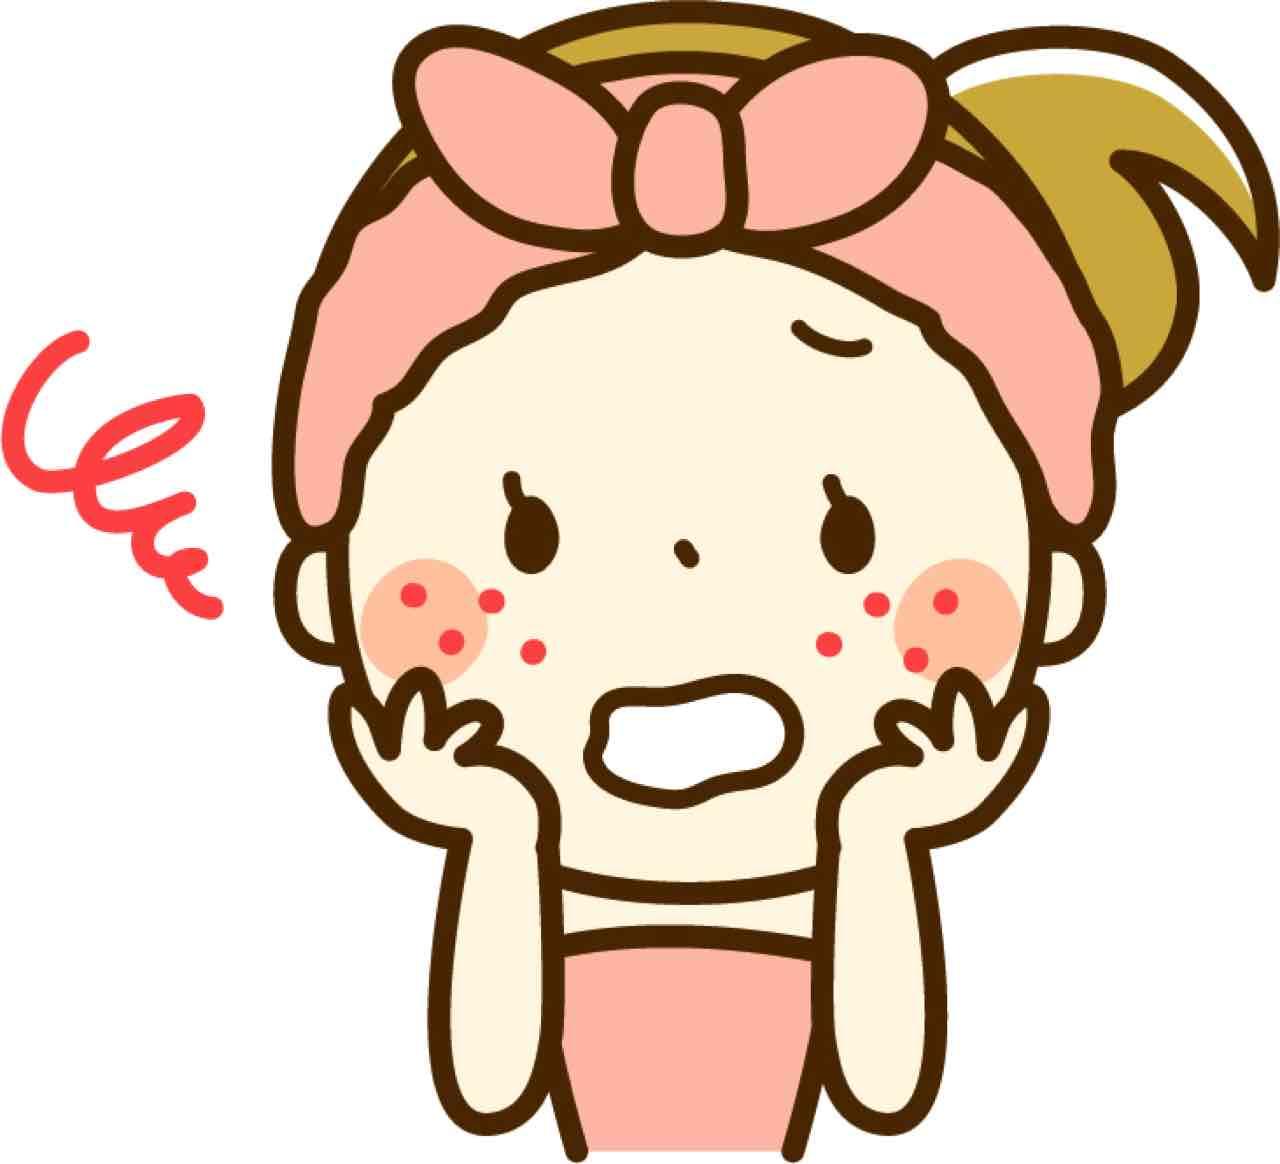 敏感肌,皮脂膜,アレルギー,スキンケア